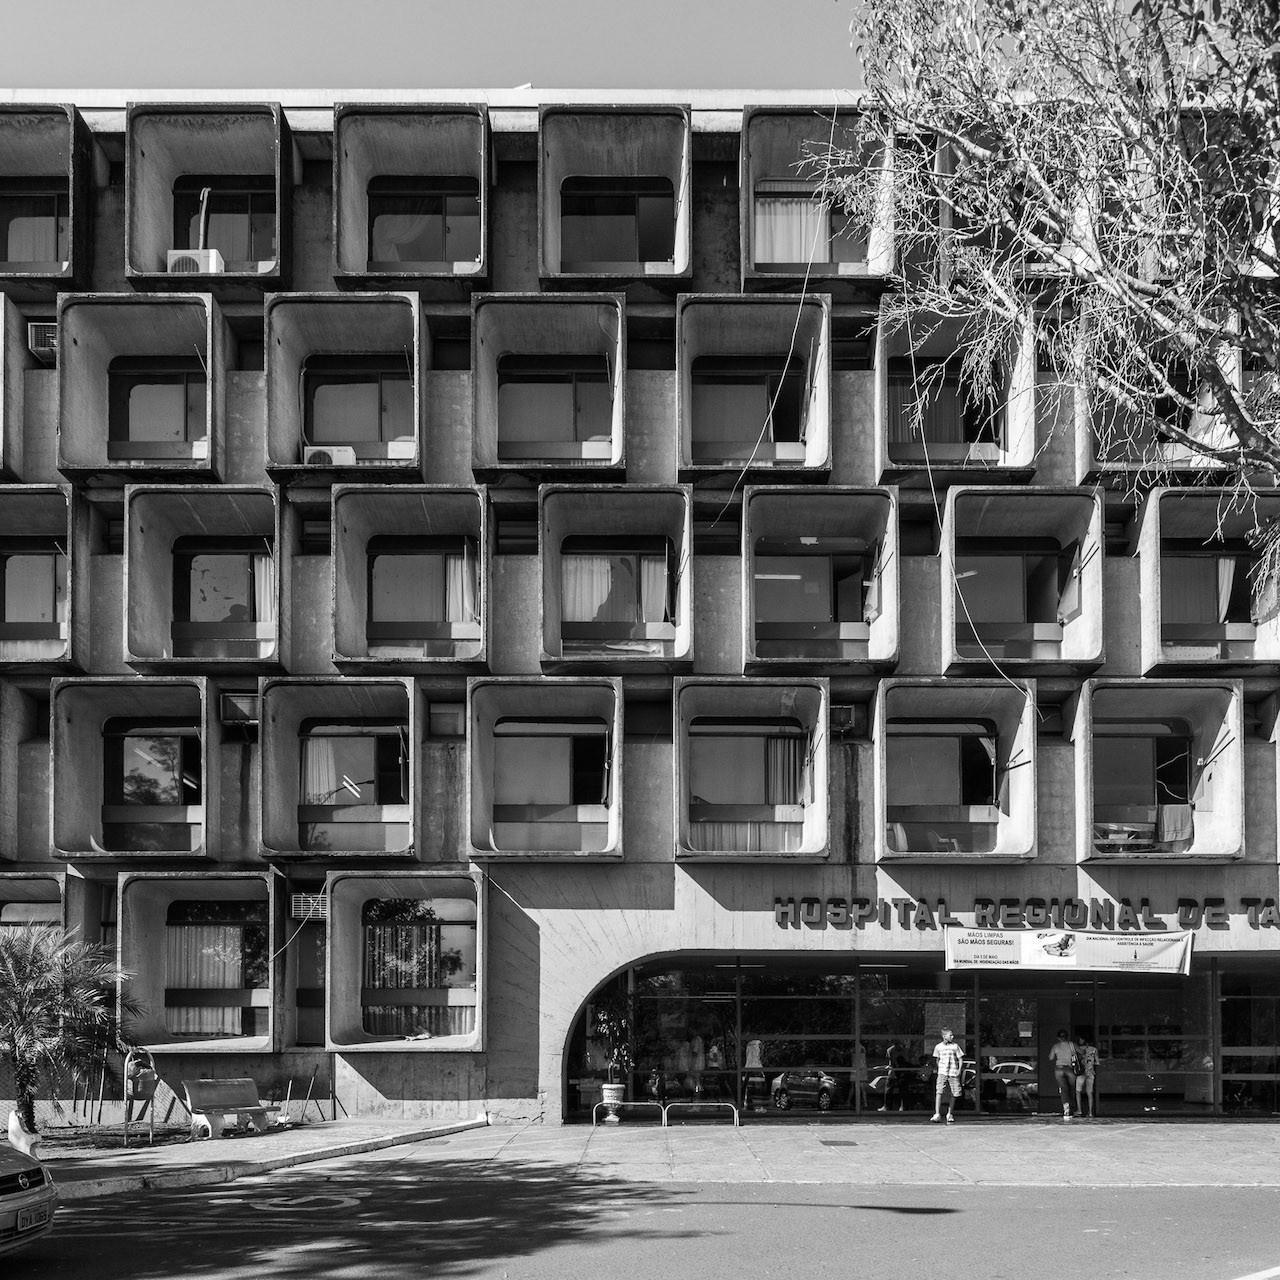 Clásicos de Arquitectura: Hospital Regional de Taguatinga / João Filgueiras Lima (Lelé), © Joana França